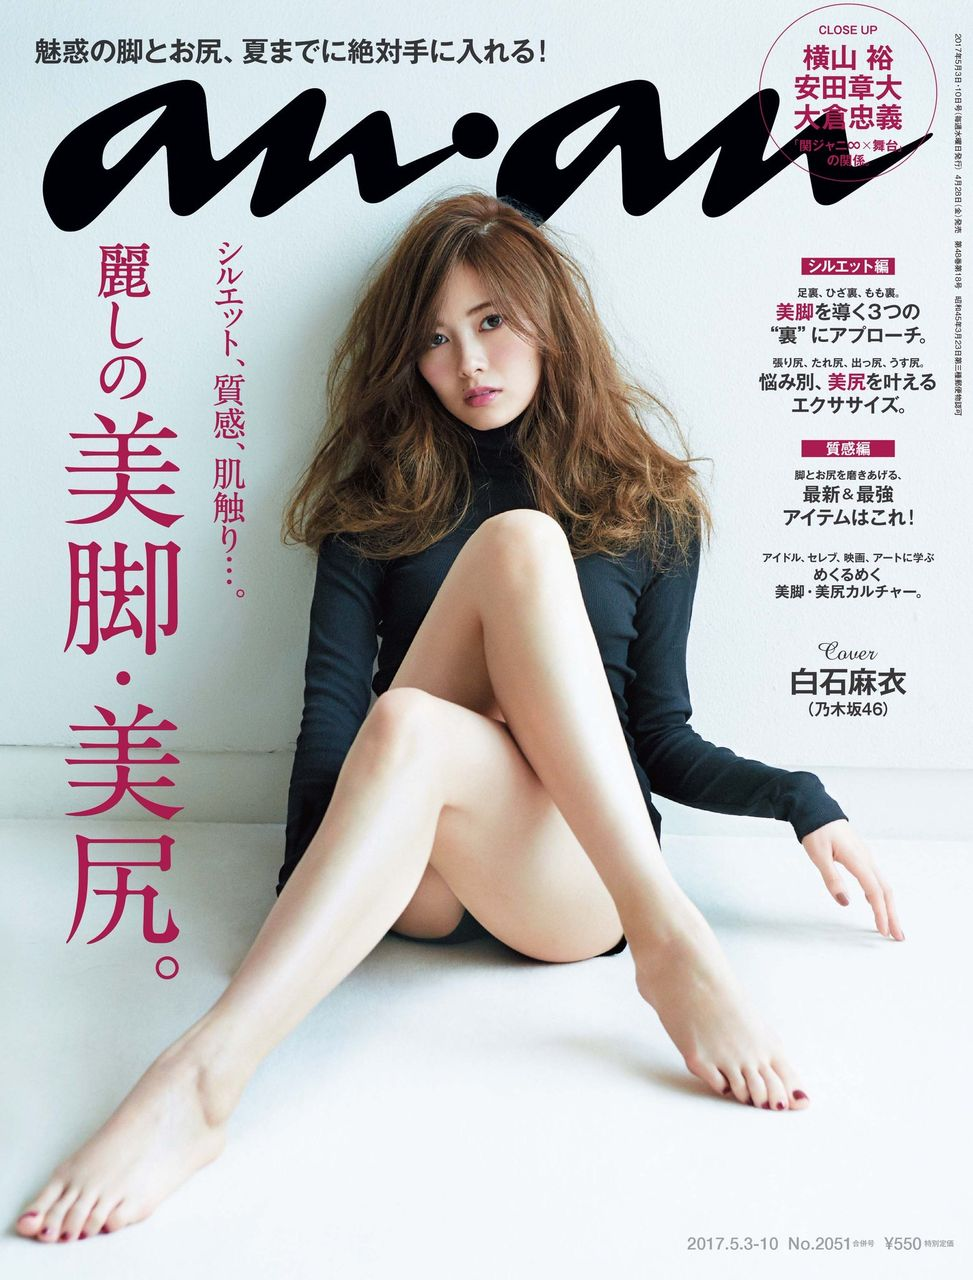 【エンタメ画像】【朗報】白石麻衣さん、またぐうシコ画像を提供する!!!!!!!!!!